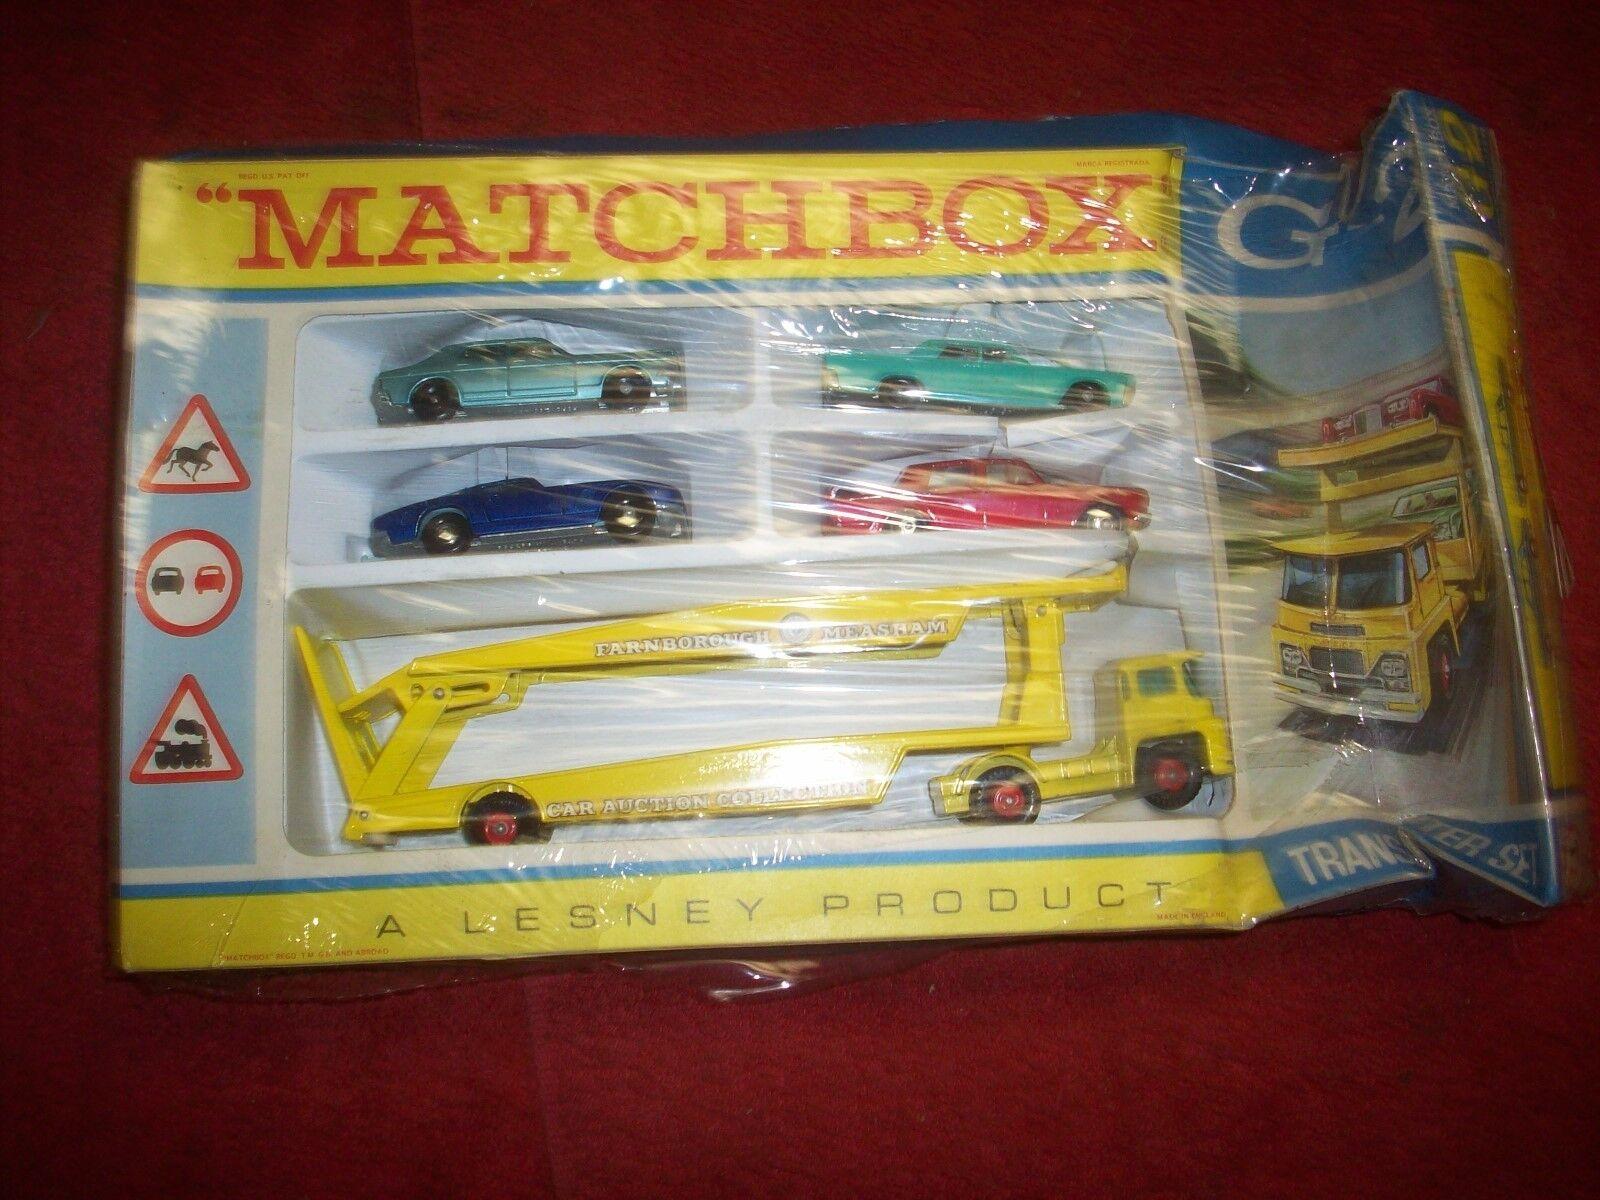 Vintage 1960's NOS Matchbox G-2 Transporter Set in Original Box Lesney